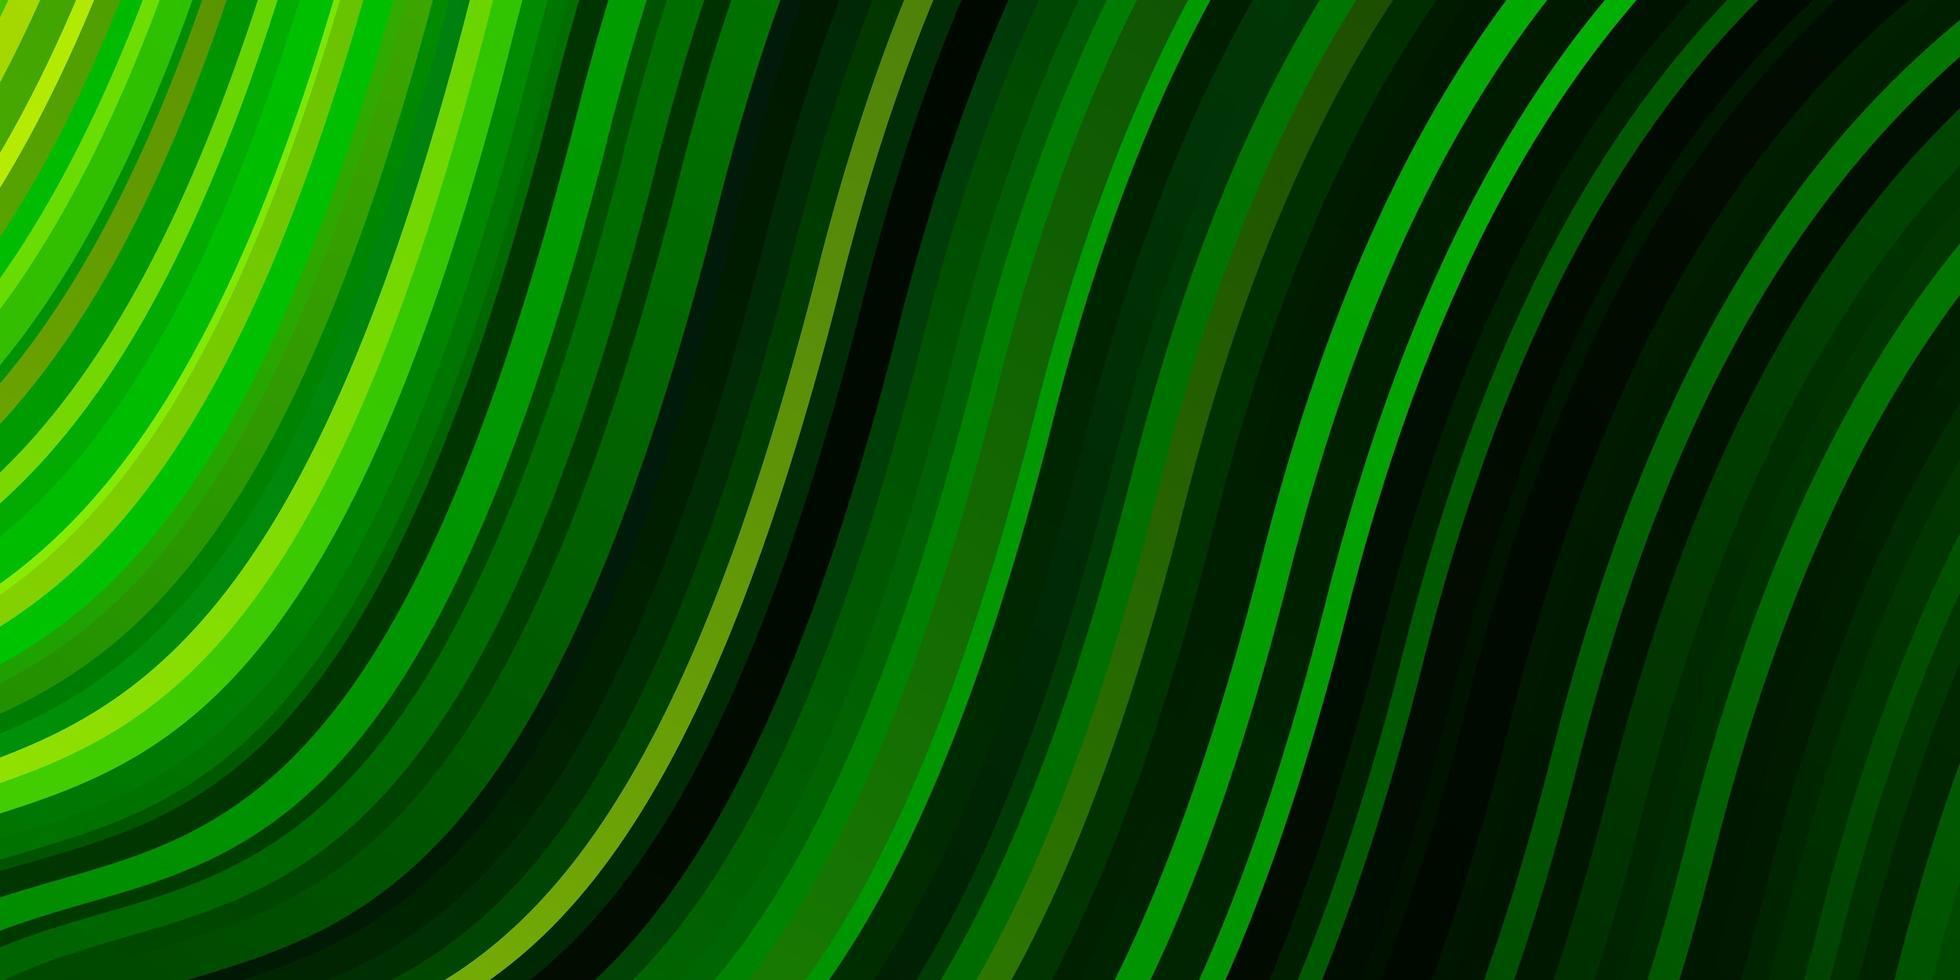 textura de vector verde oscuro con líneas torcidas.